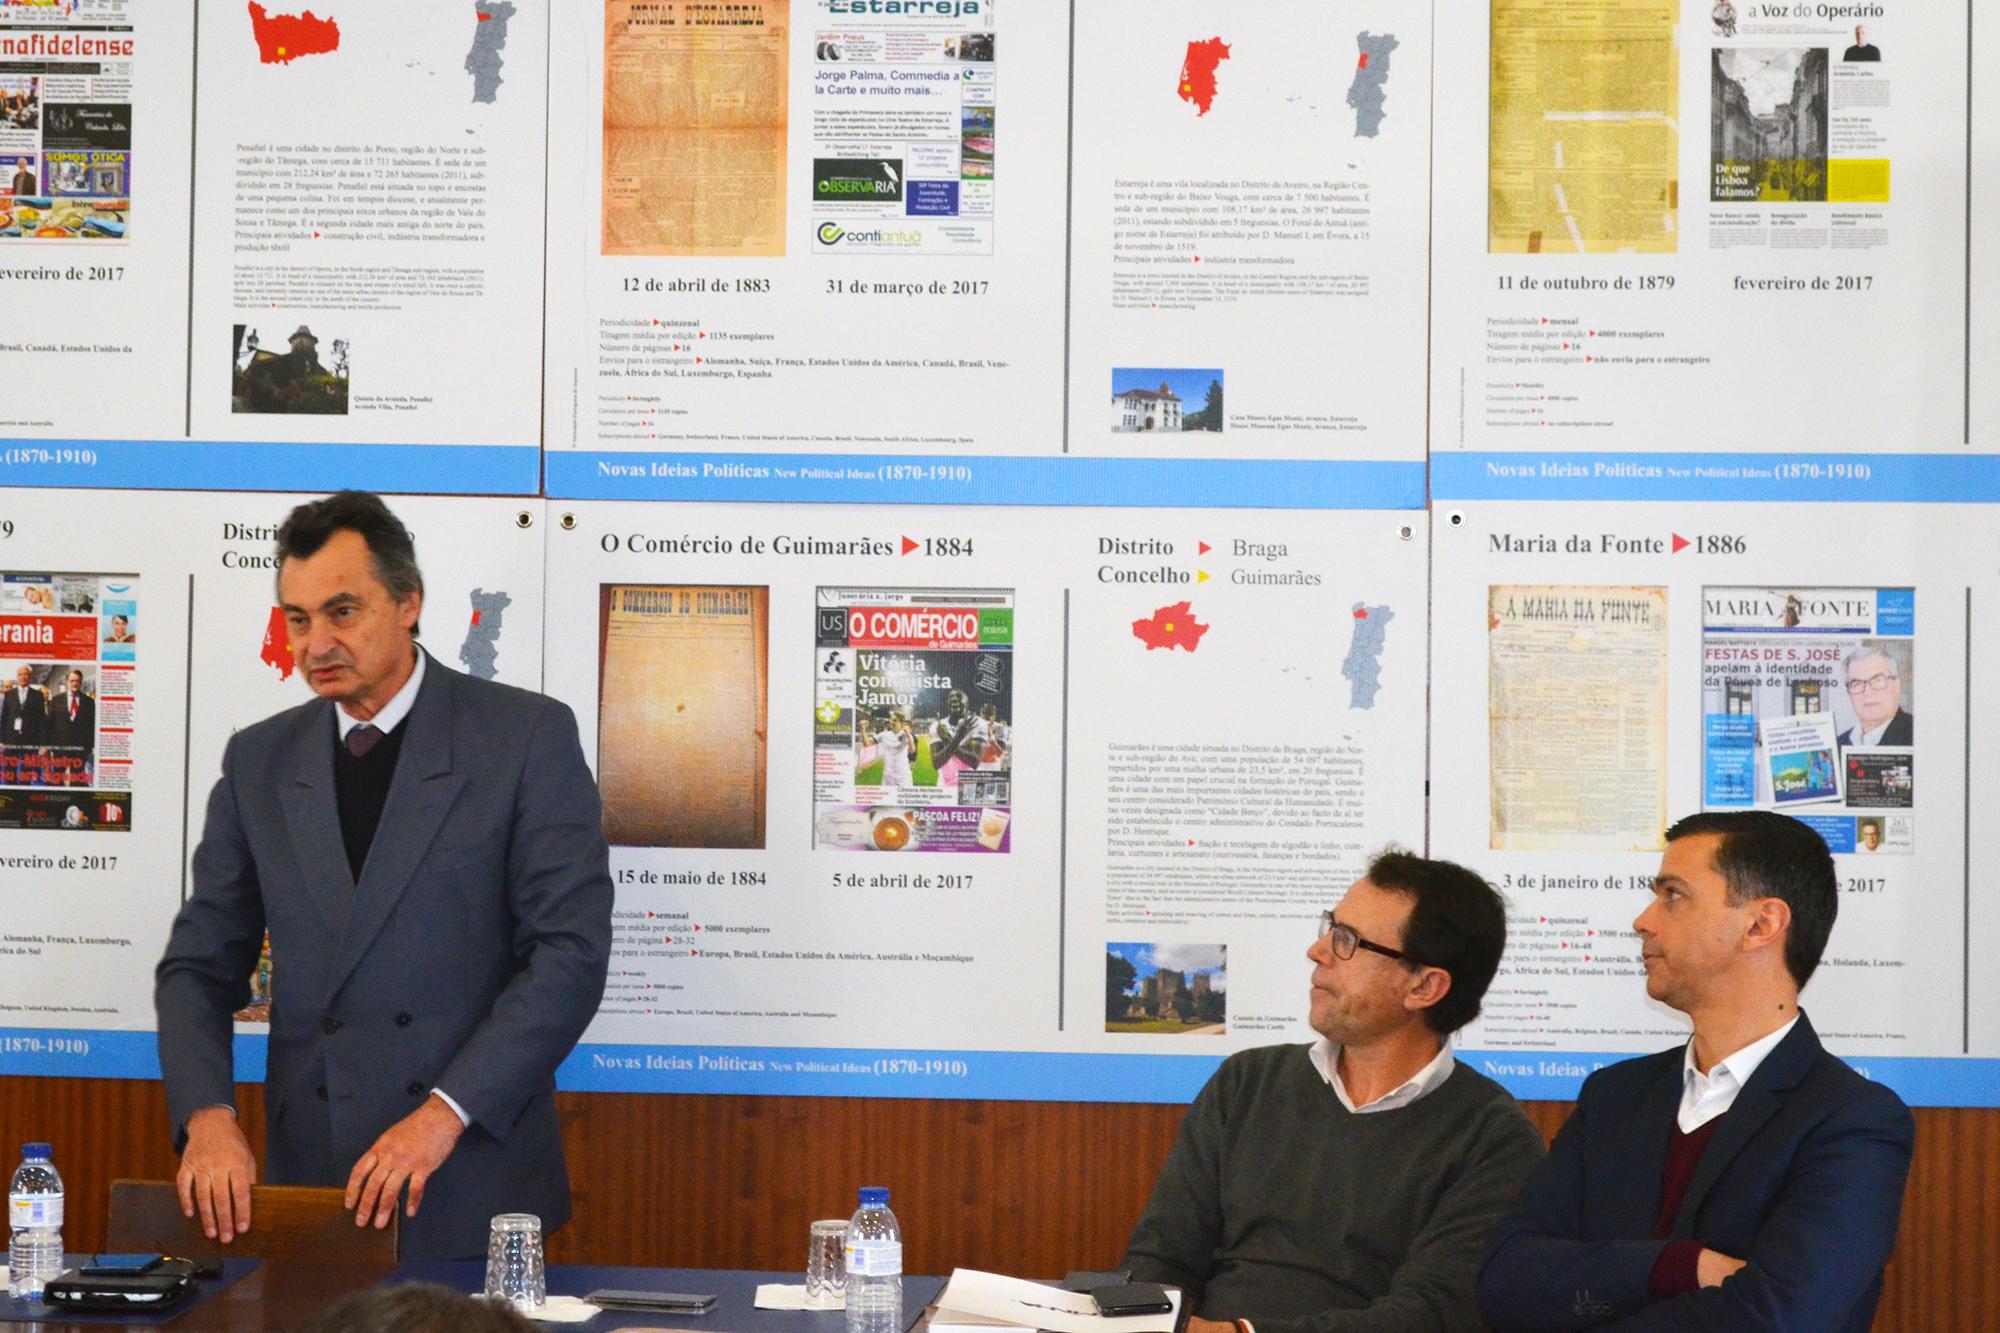 João Palmeiro na sessão pública do acordo entre a Associação de Imprensa Portuguesa e a Google, na Associação de Jornalistas e Homens de Letras do Porto